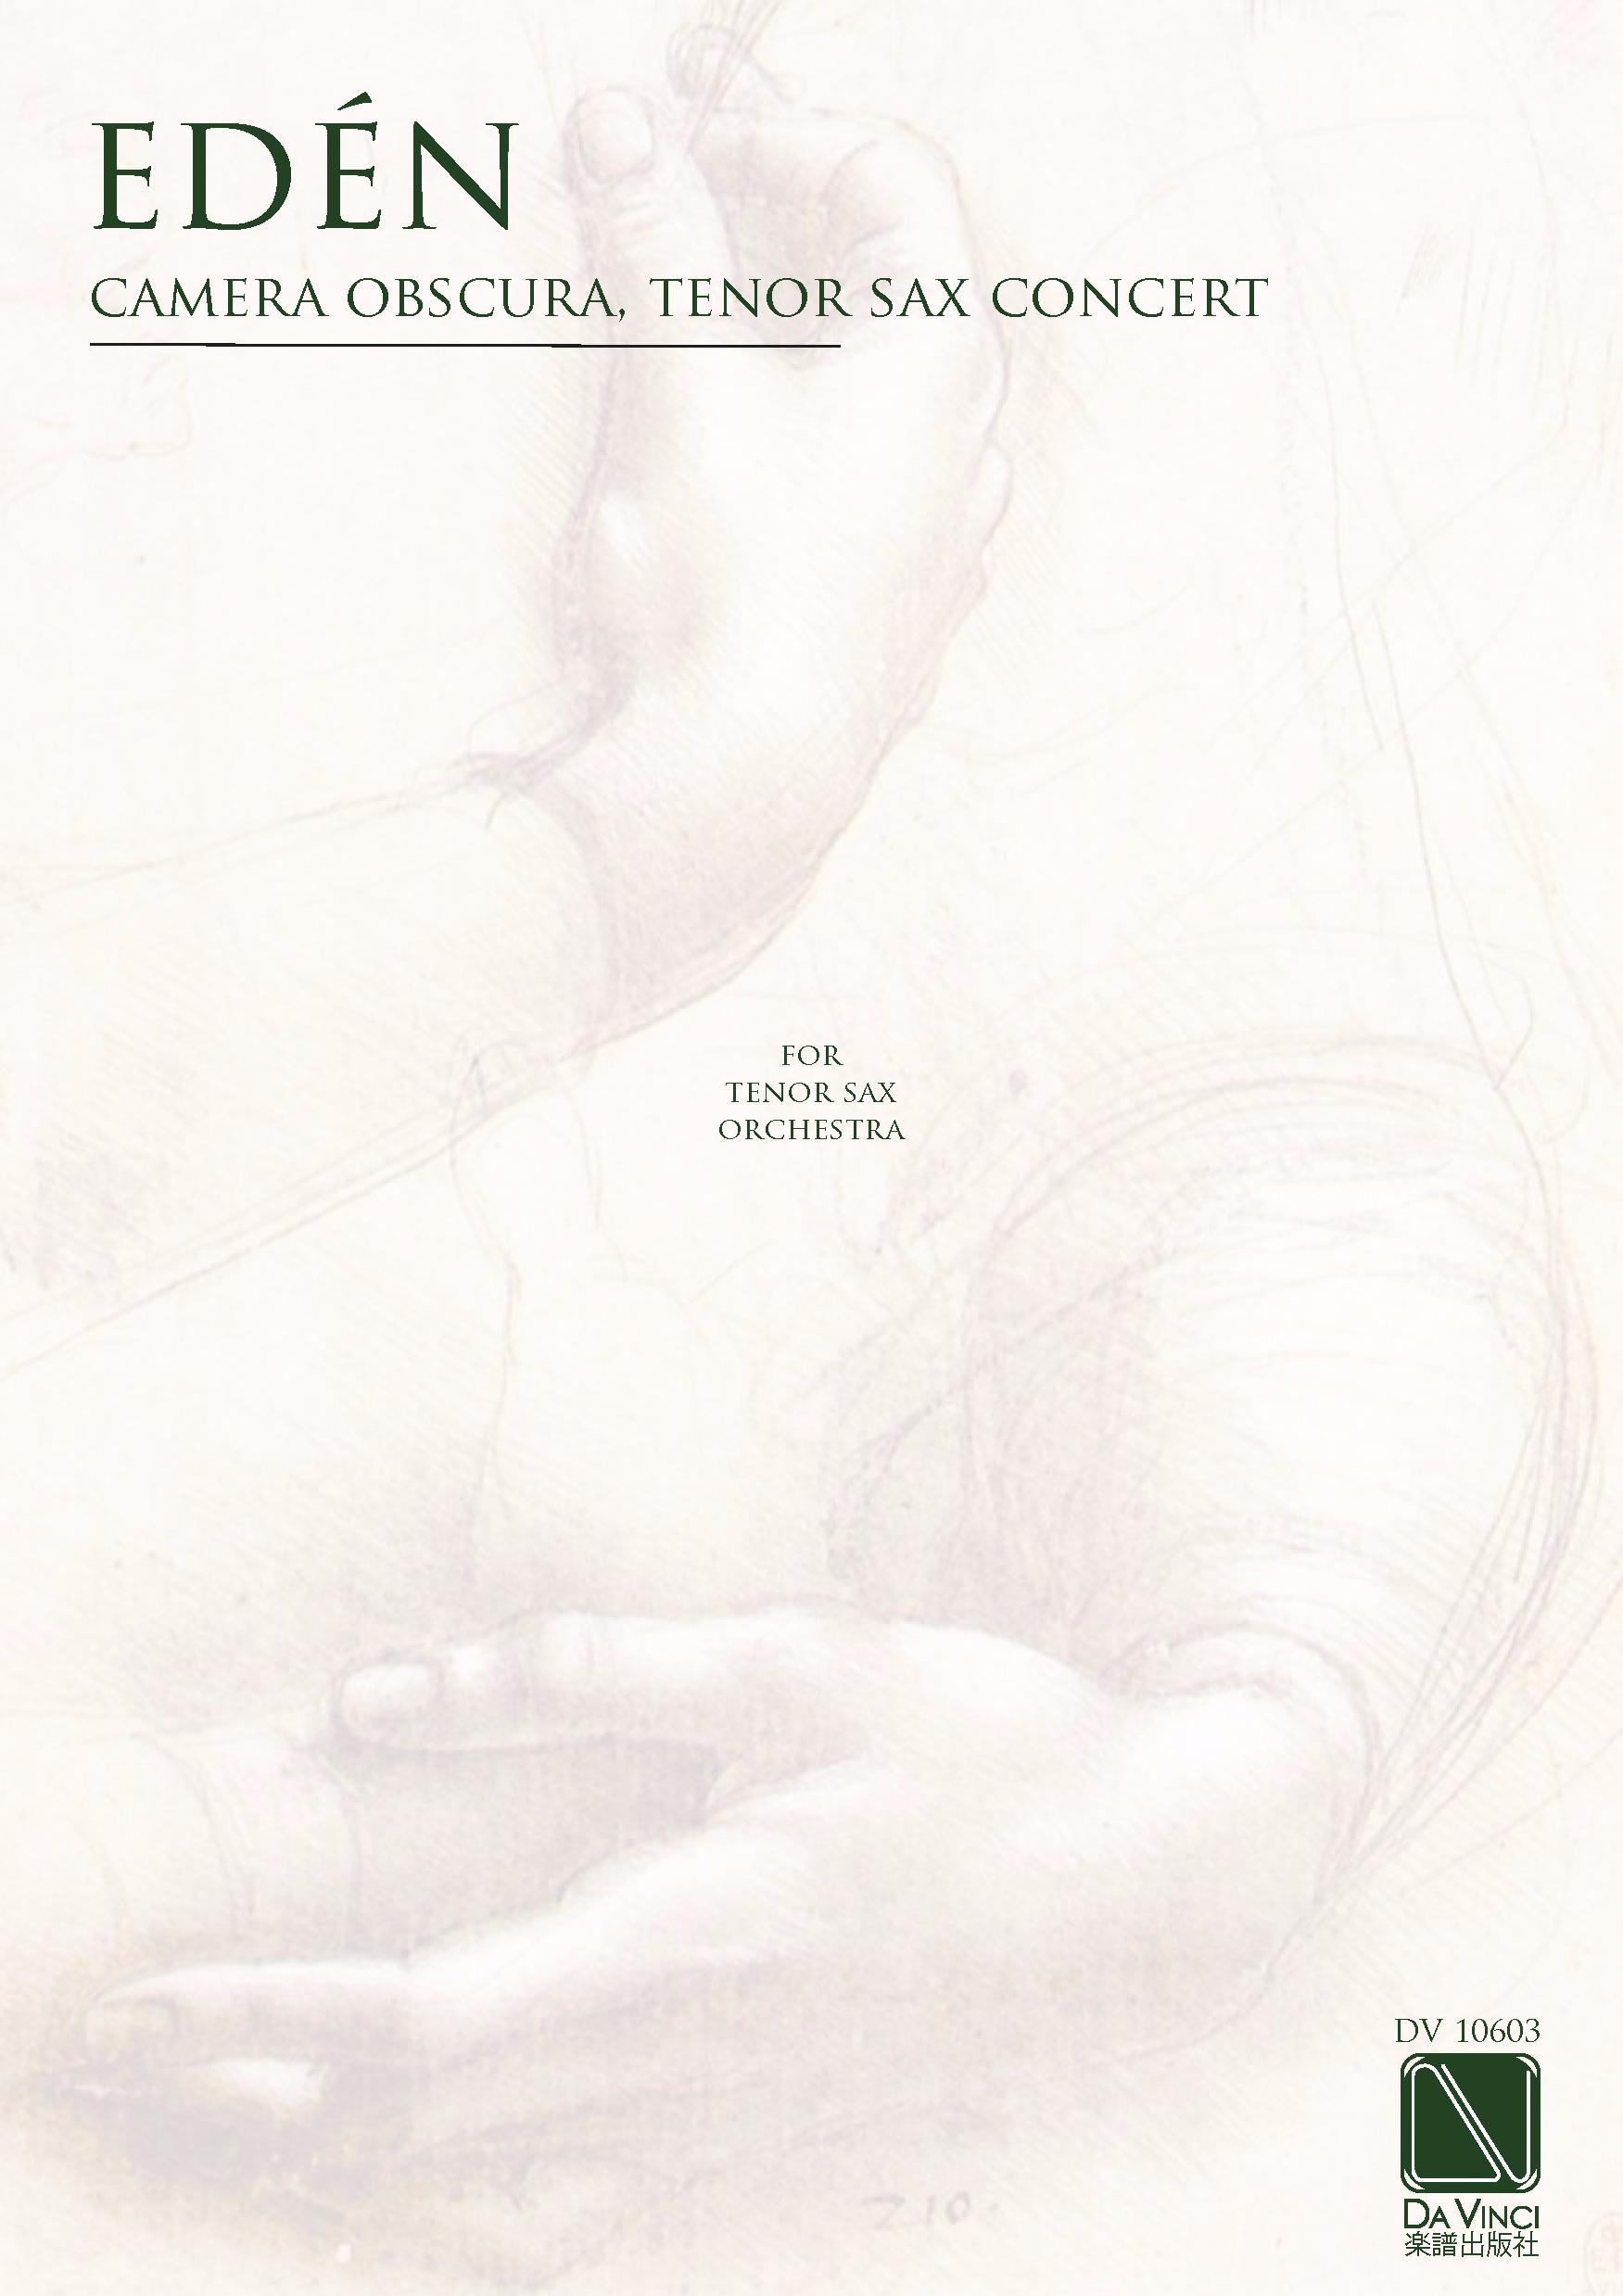 Eden Mats Camera Obscura Tenor Sax Concert Da Vinci Publishing Diagram